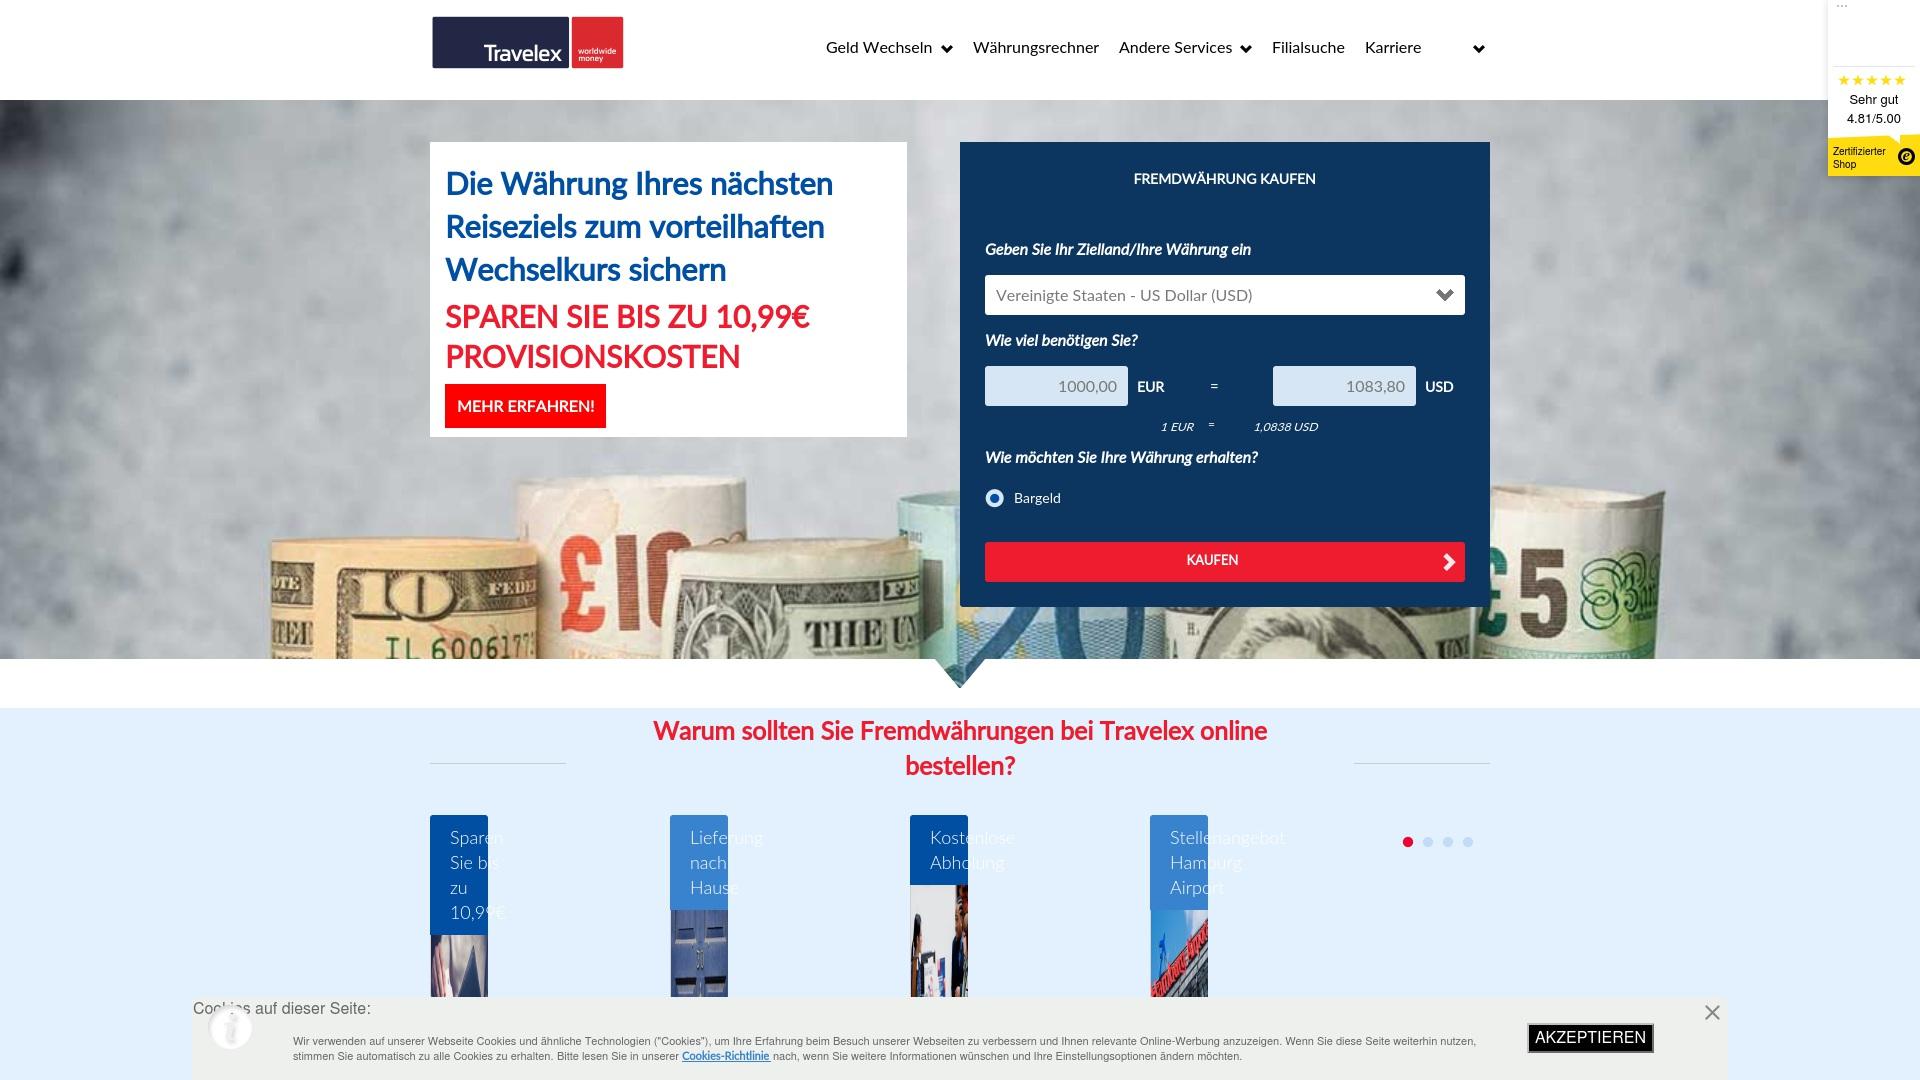 Gutschein für Travelex: Rabatte für  Travelex sichern